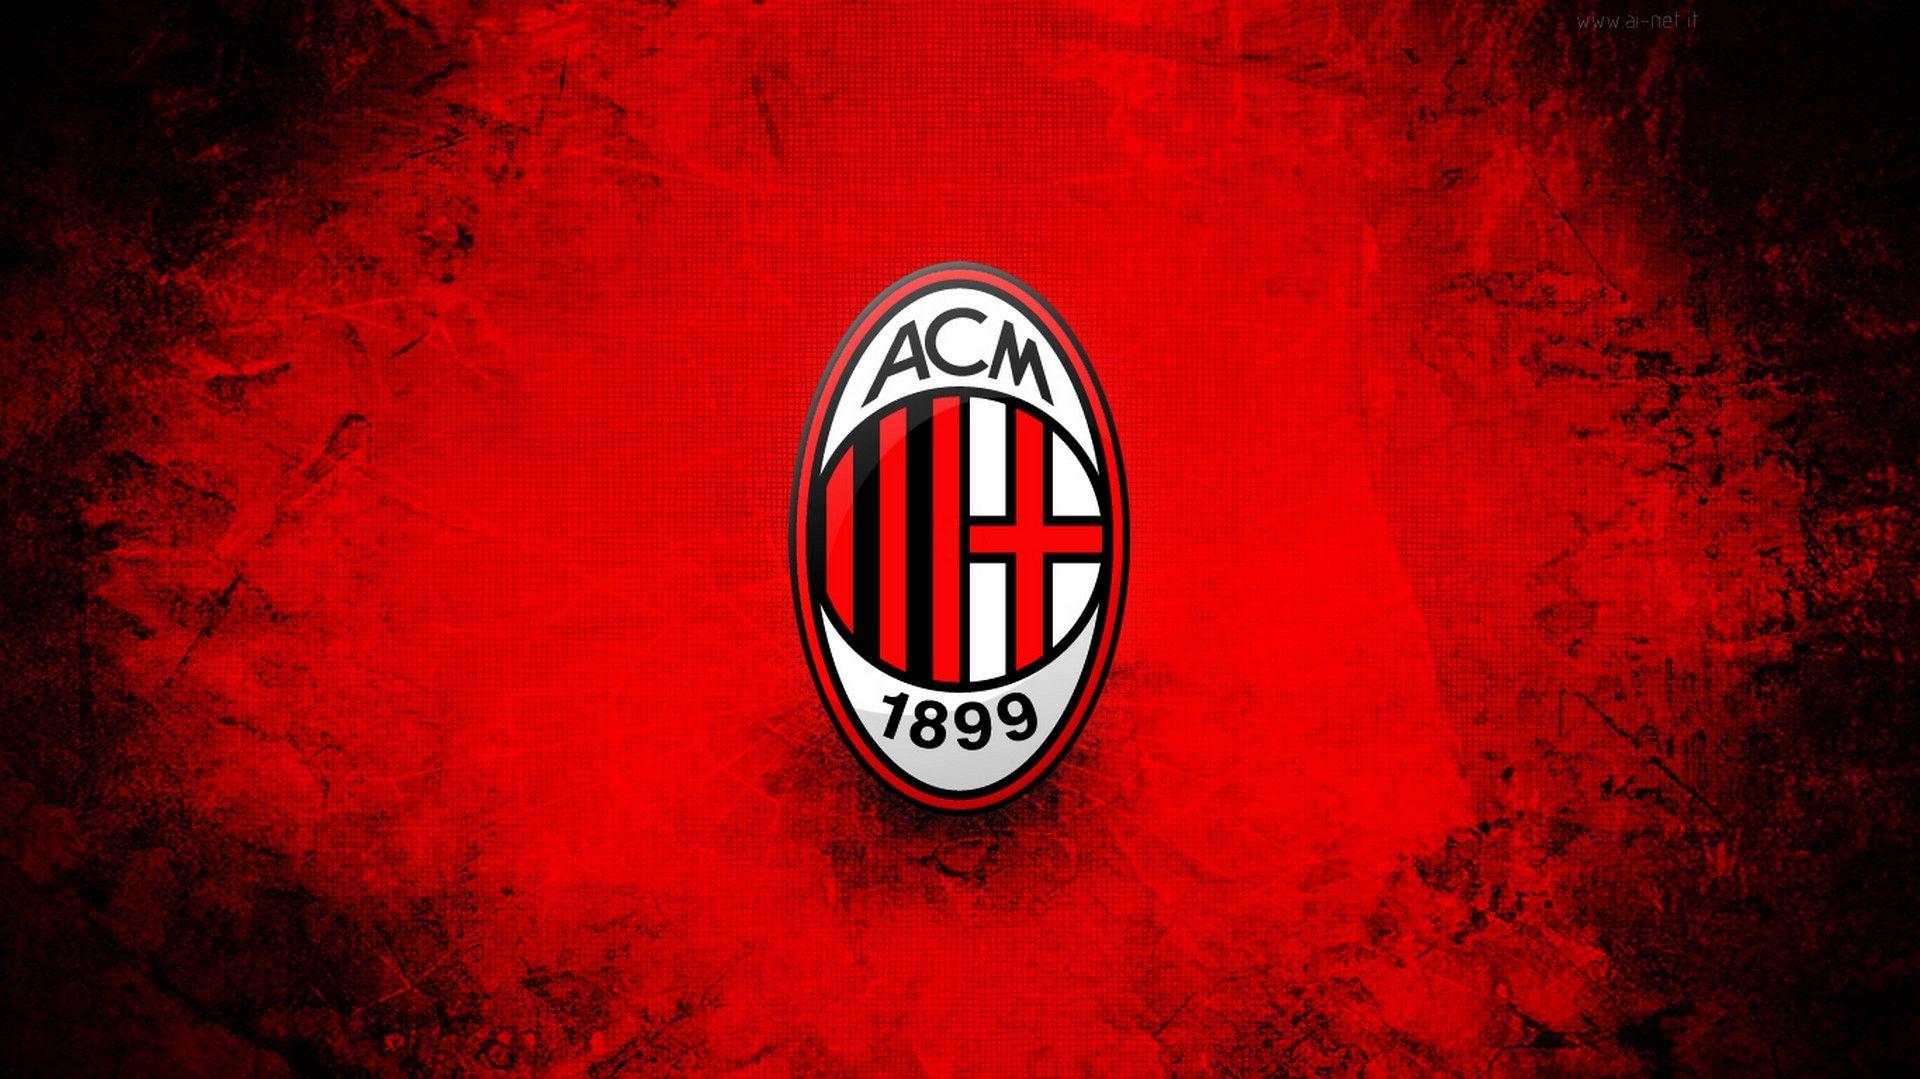 AC Milan Wallpaper HD | Wallpaper | Milan wallpaper, Ac milan, Milan